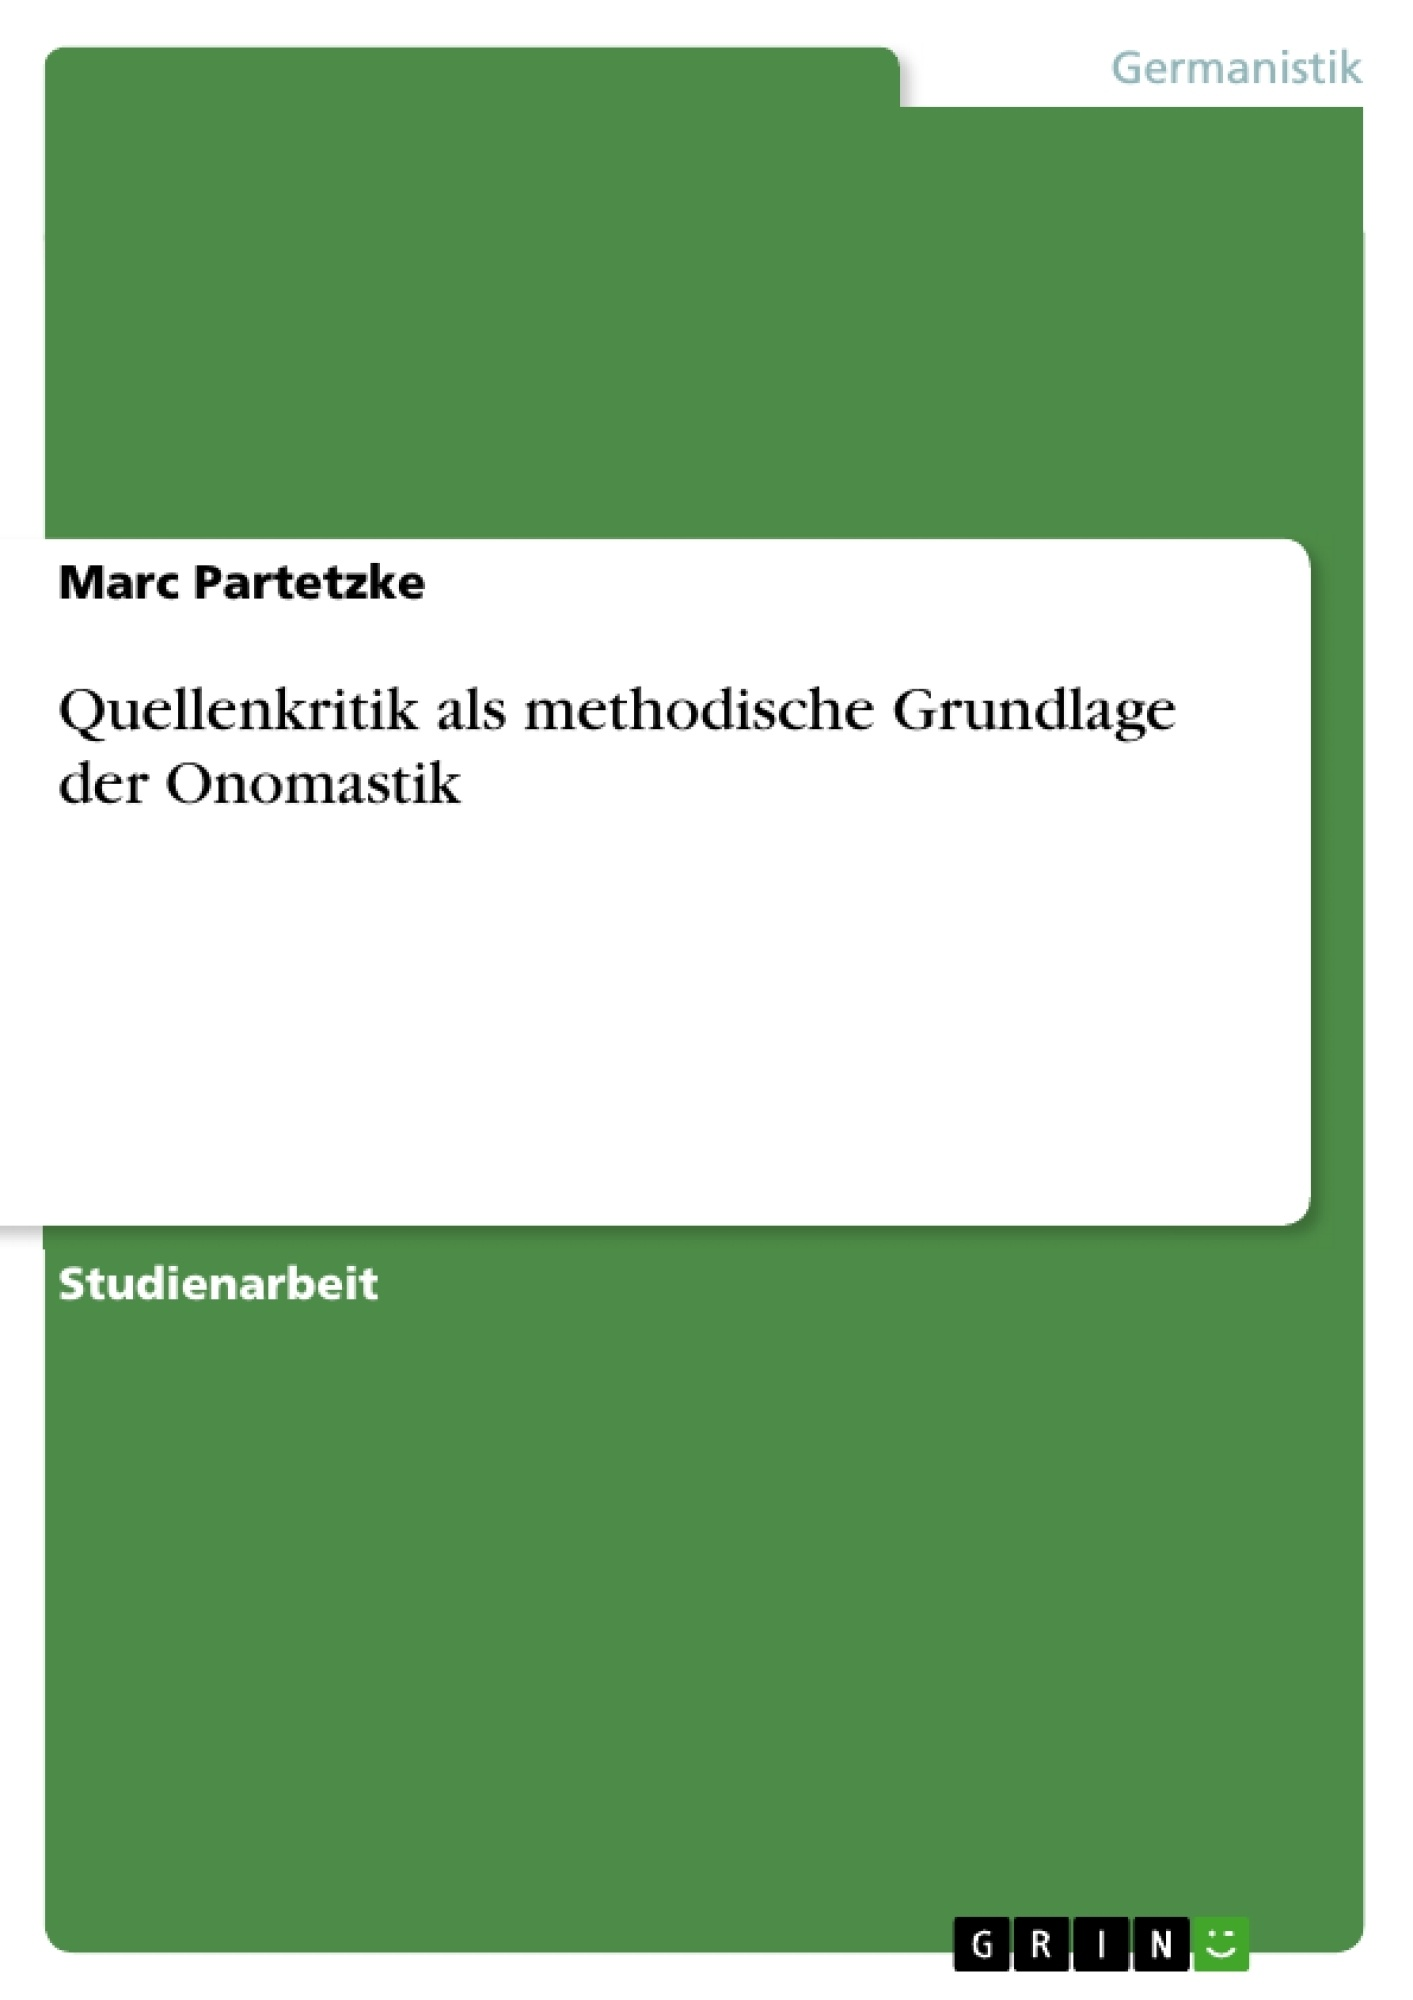 Titel: Quellenkritik als methodische Grundlage der Onomastik